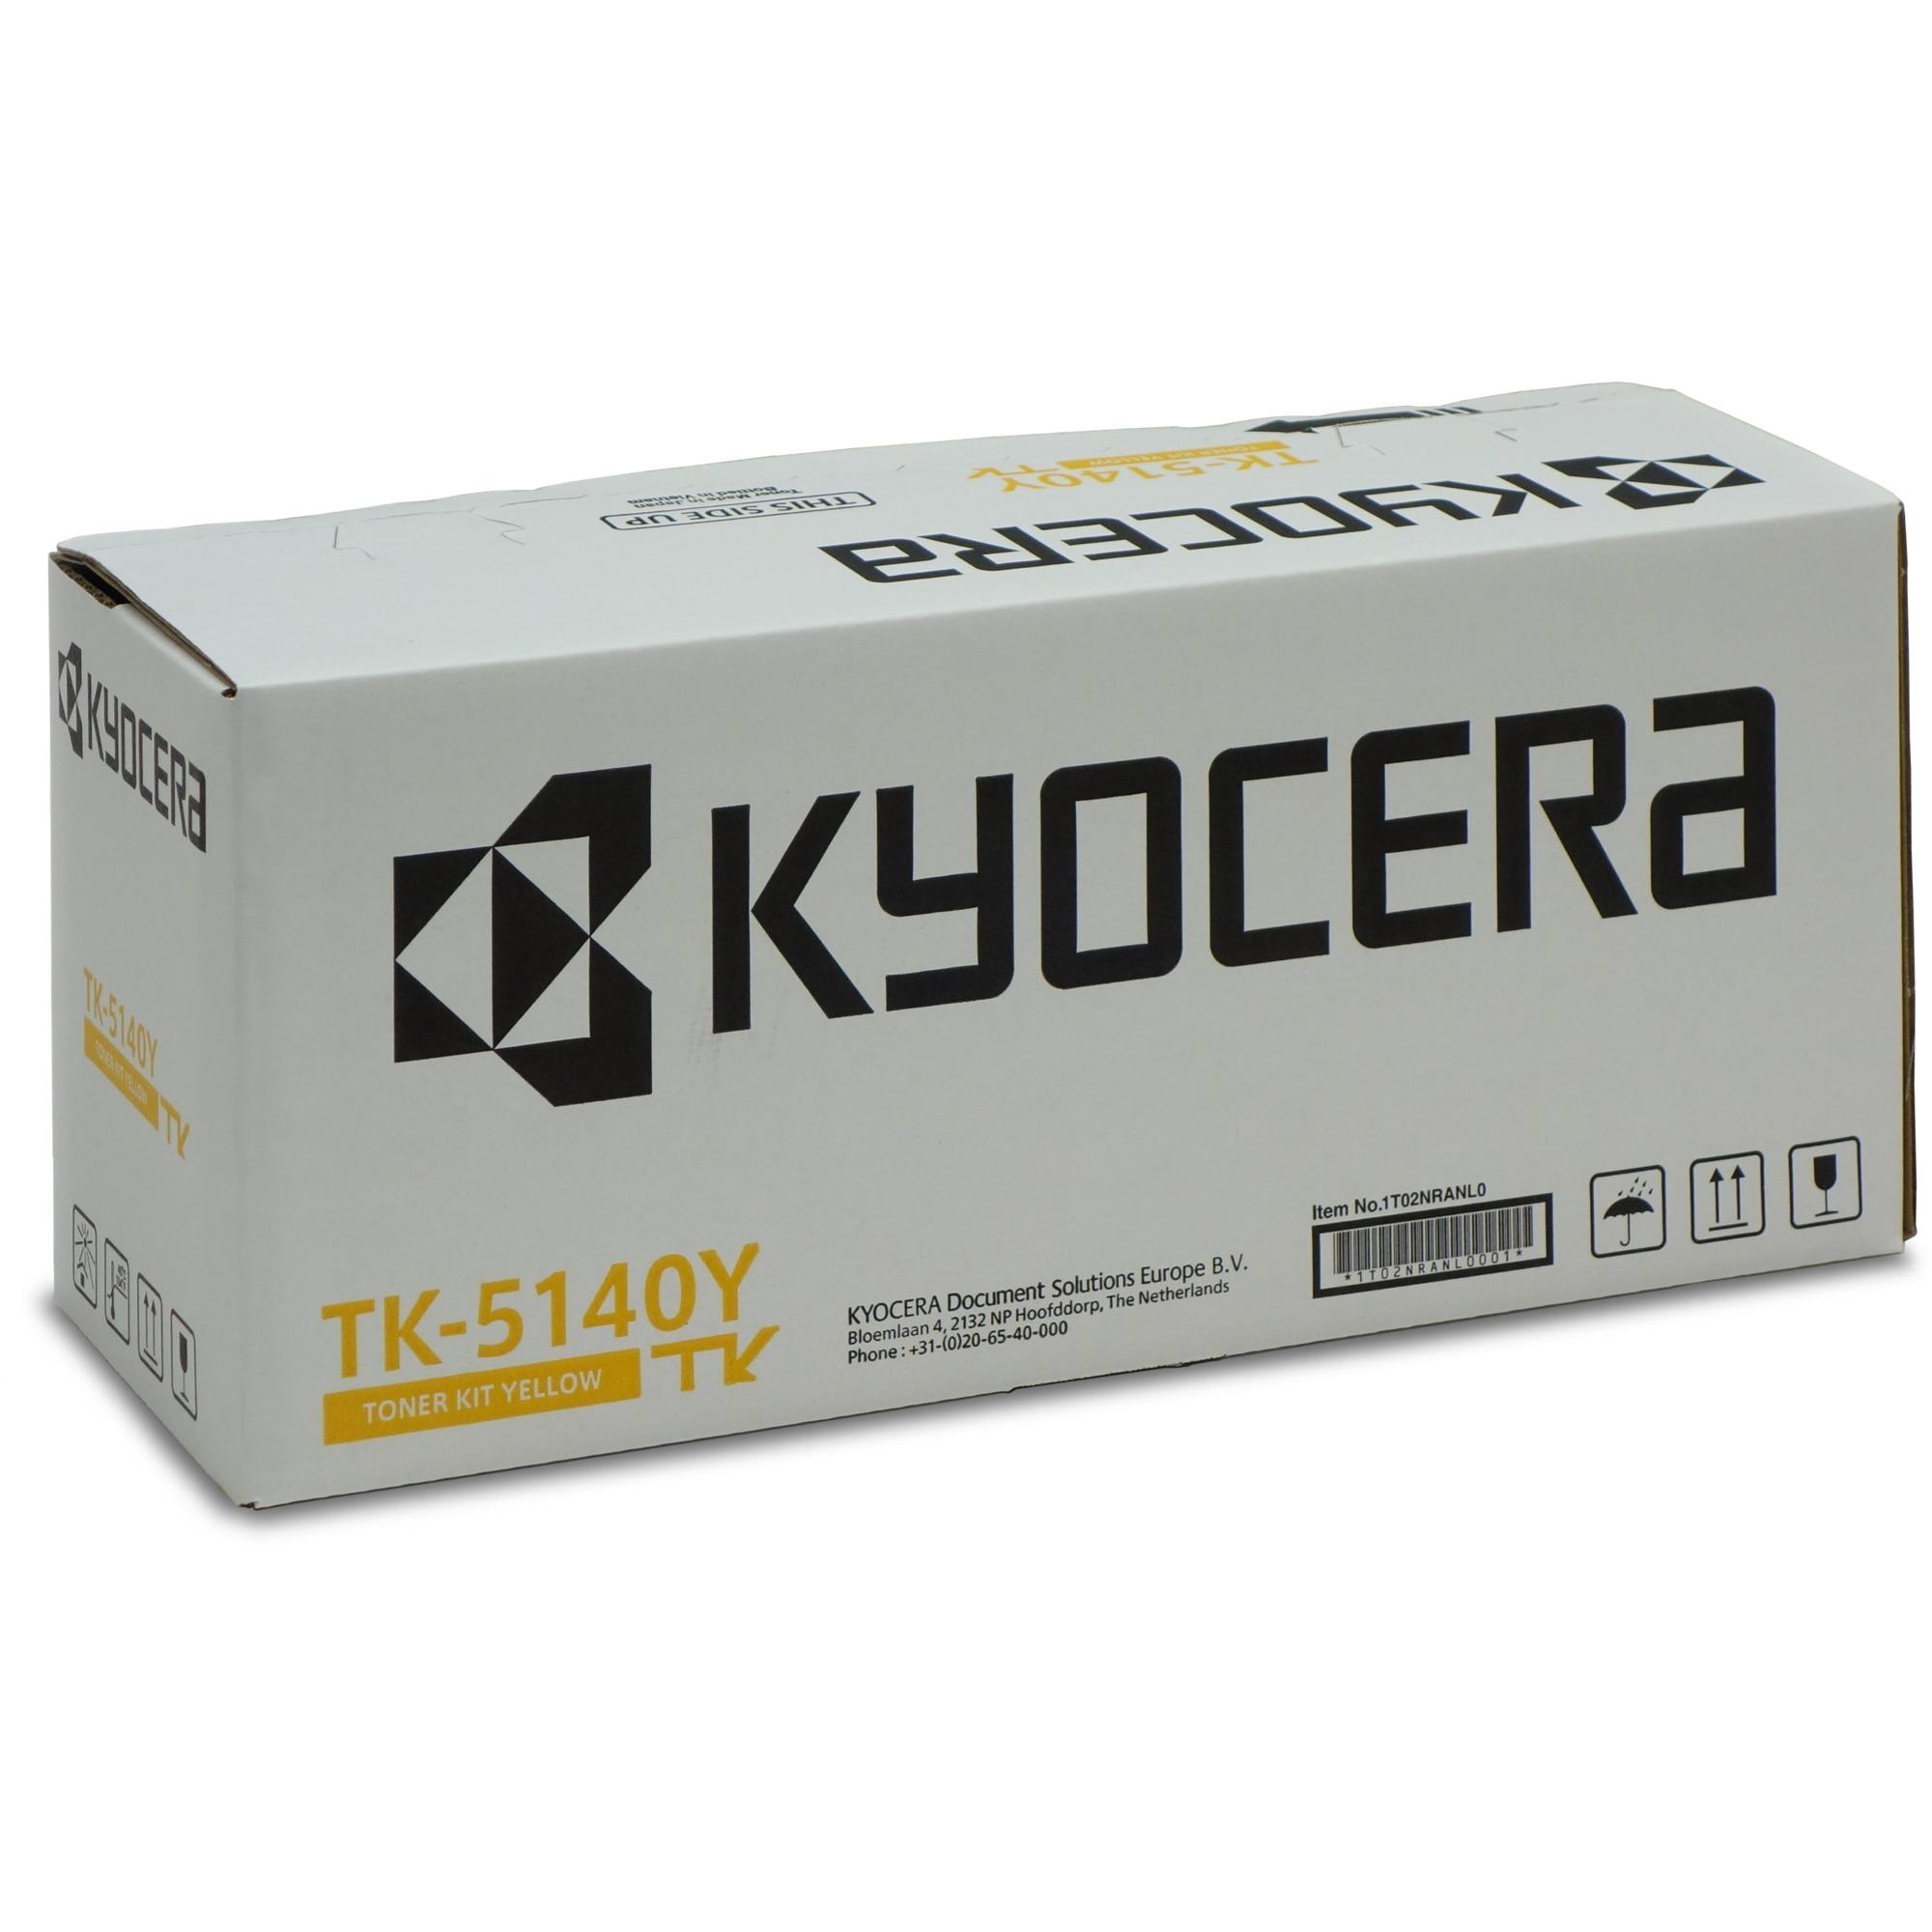 tk-5140y